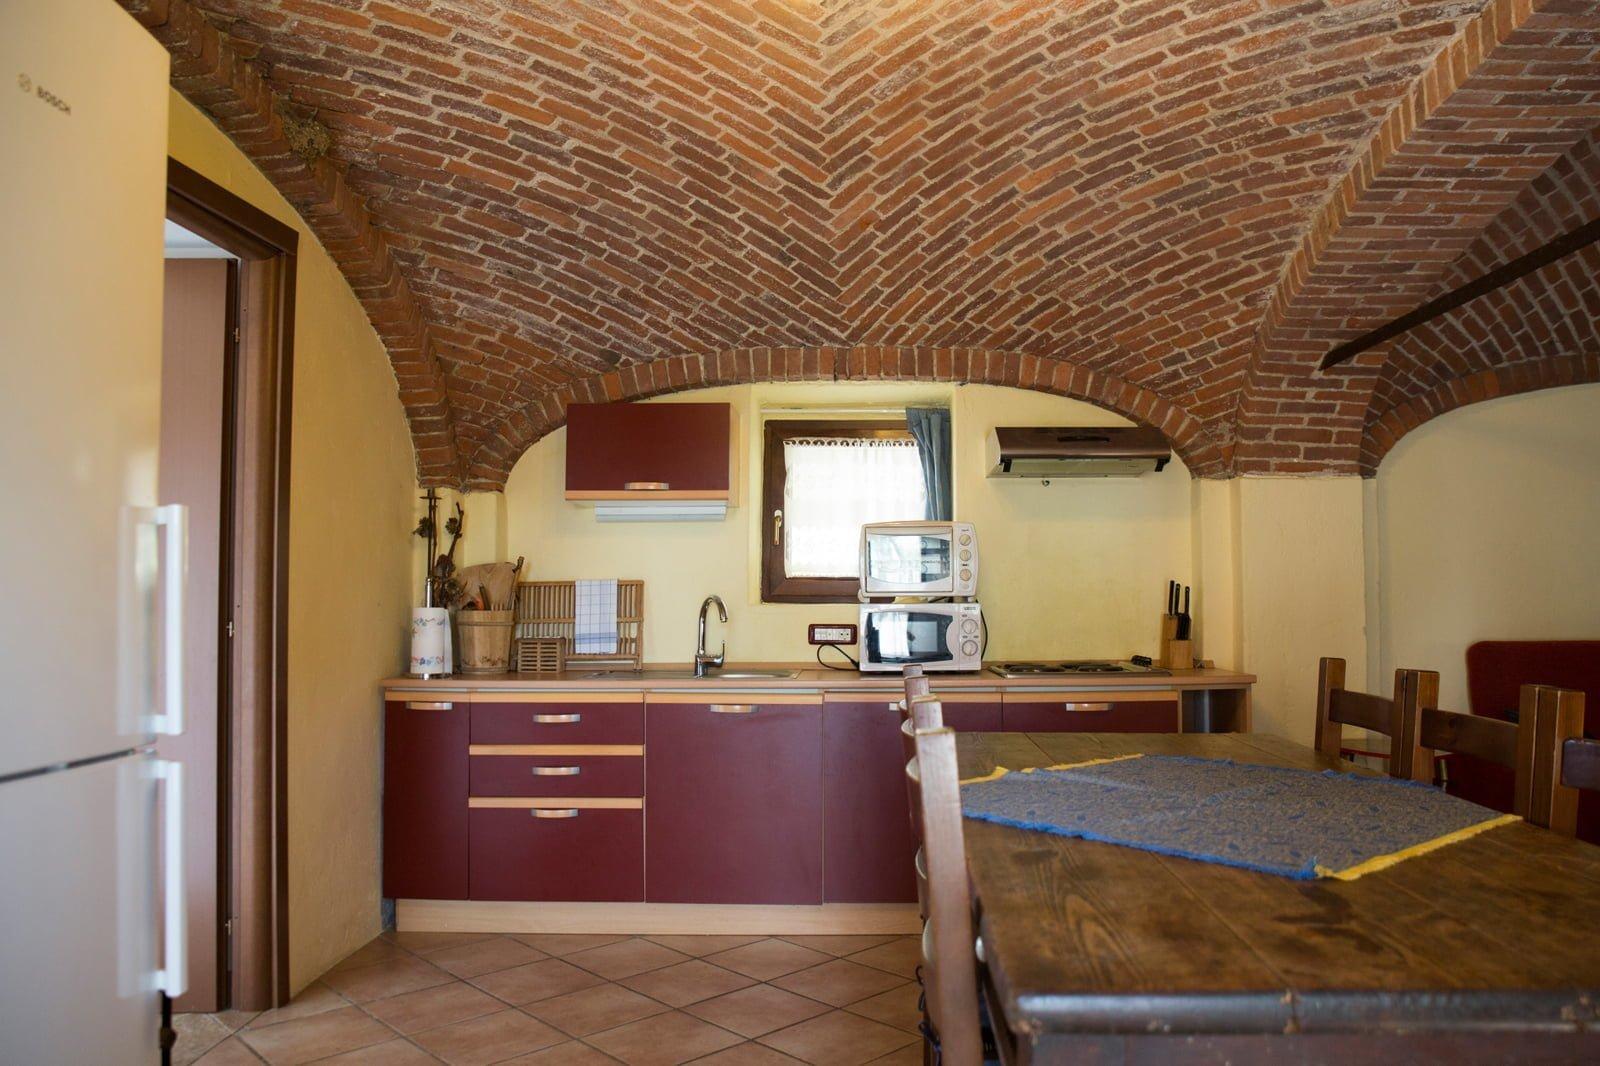 Camino centro stanza 28 images camino centro stanza for Camino centro stanza